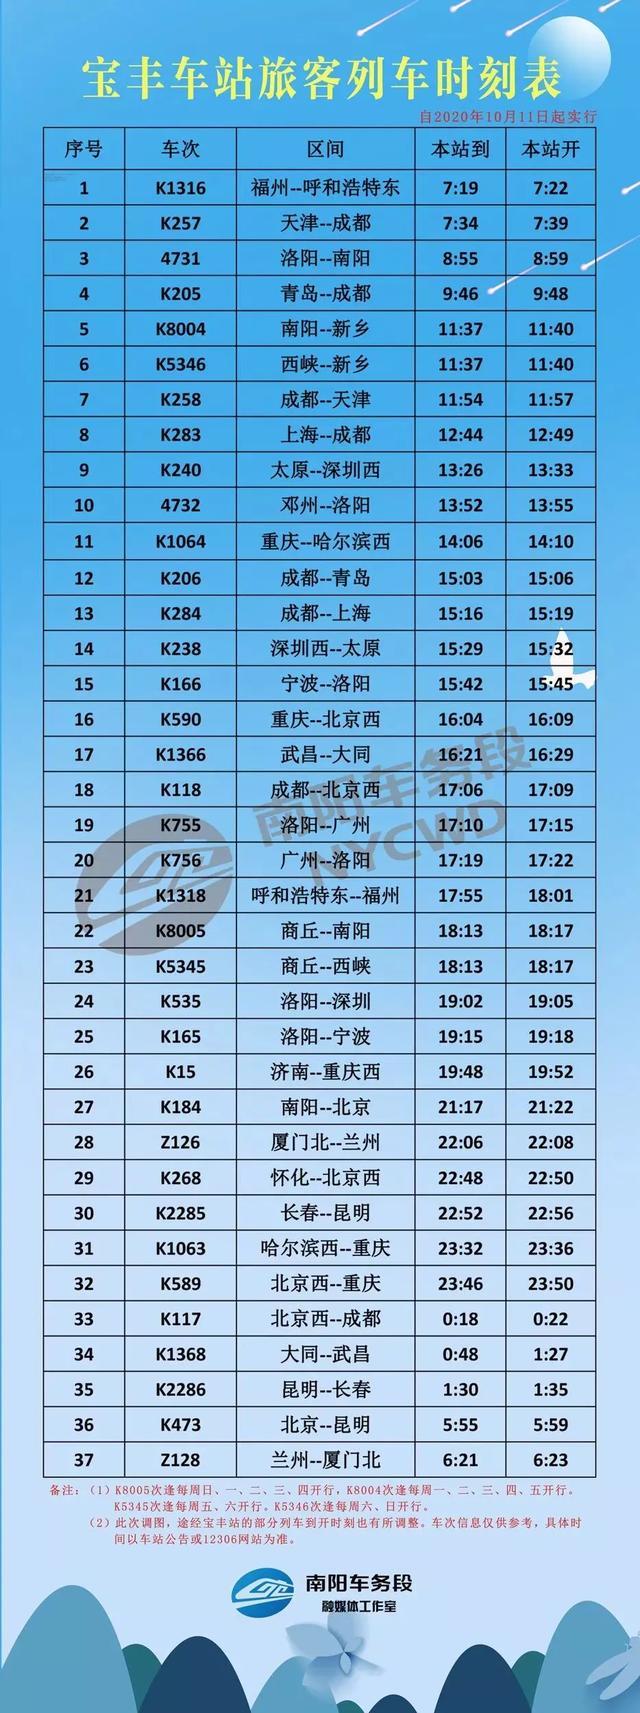 """平顶山普速车站""""宝丰车站""""、""""鲁山车站""""列车时刻表来了_平顶山生活网插图1"""